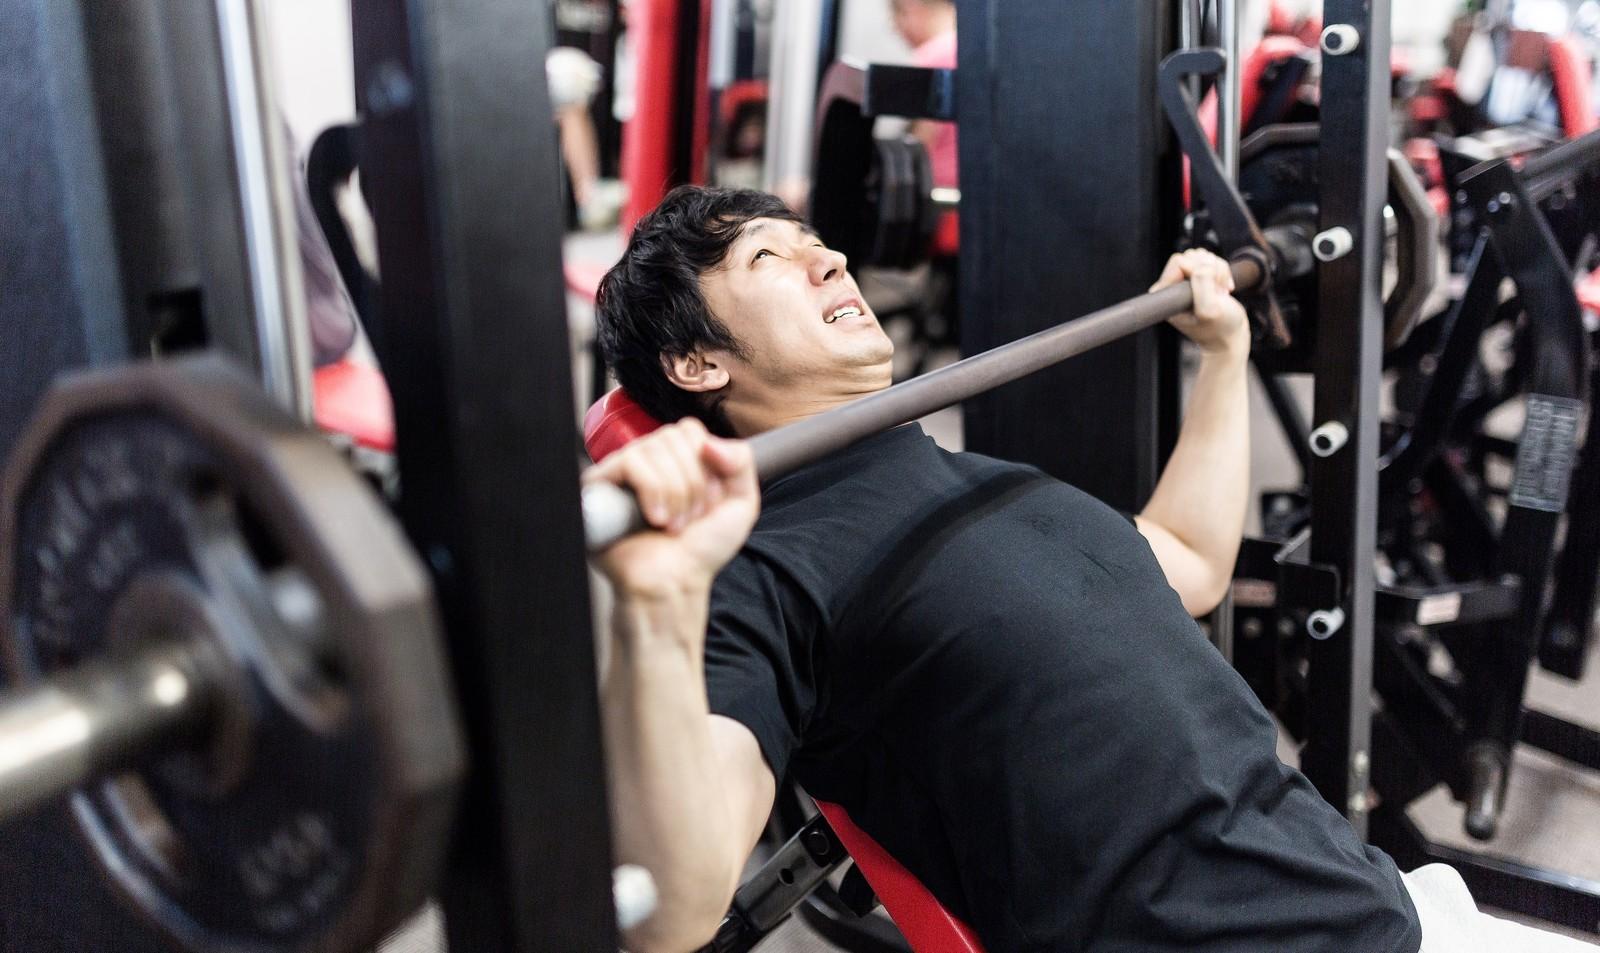 一ヶ月の筋トレで筋肉を増やす!植物性と動物性のプロテインの違いとは